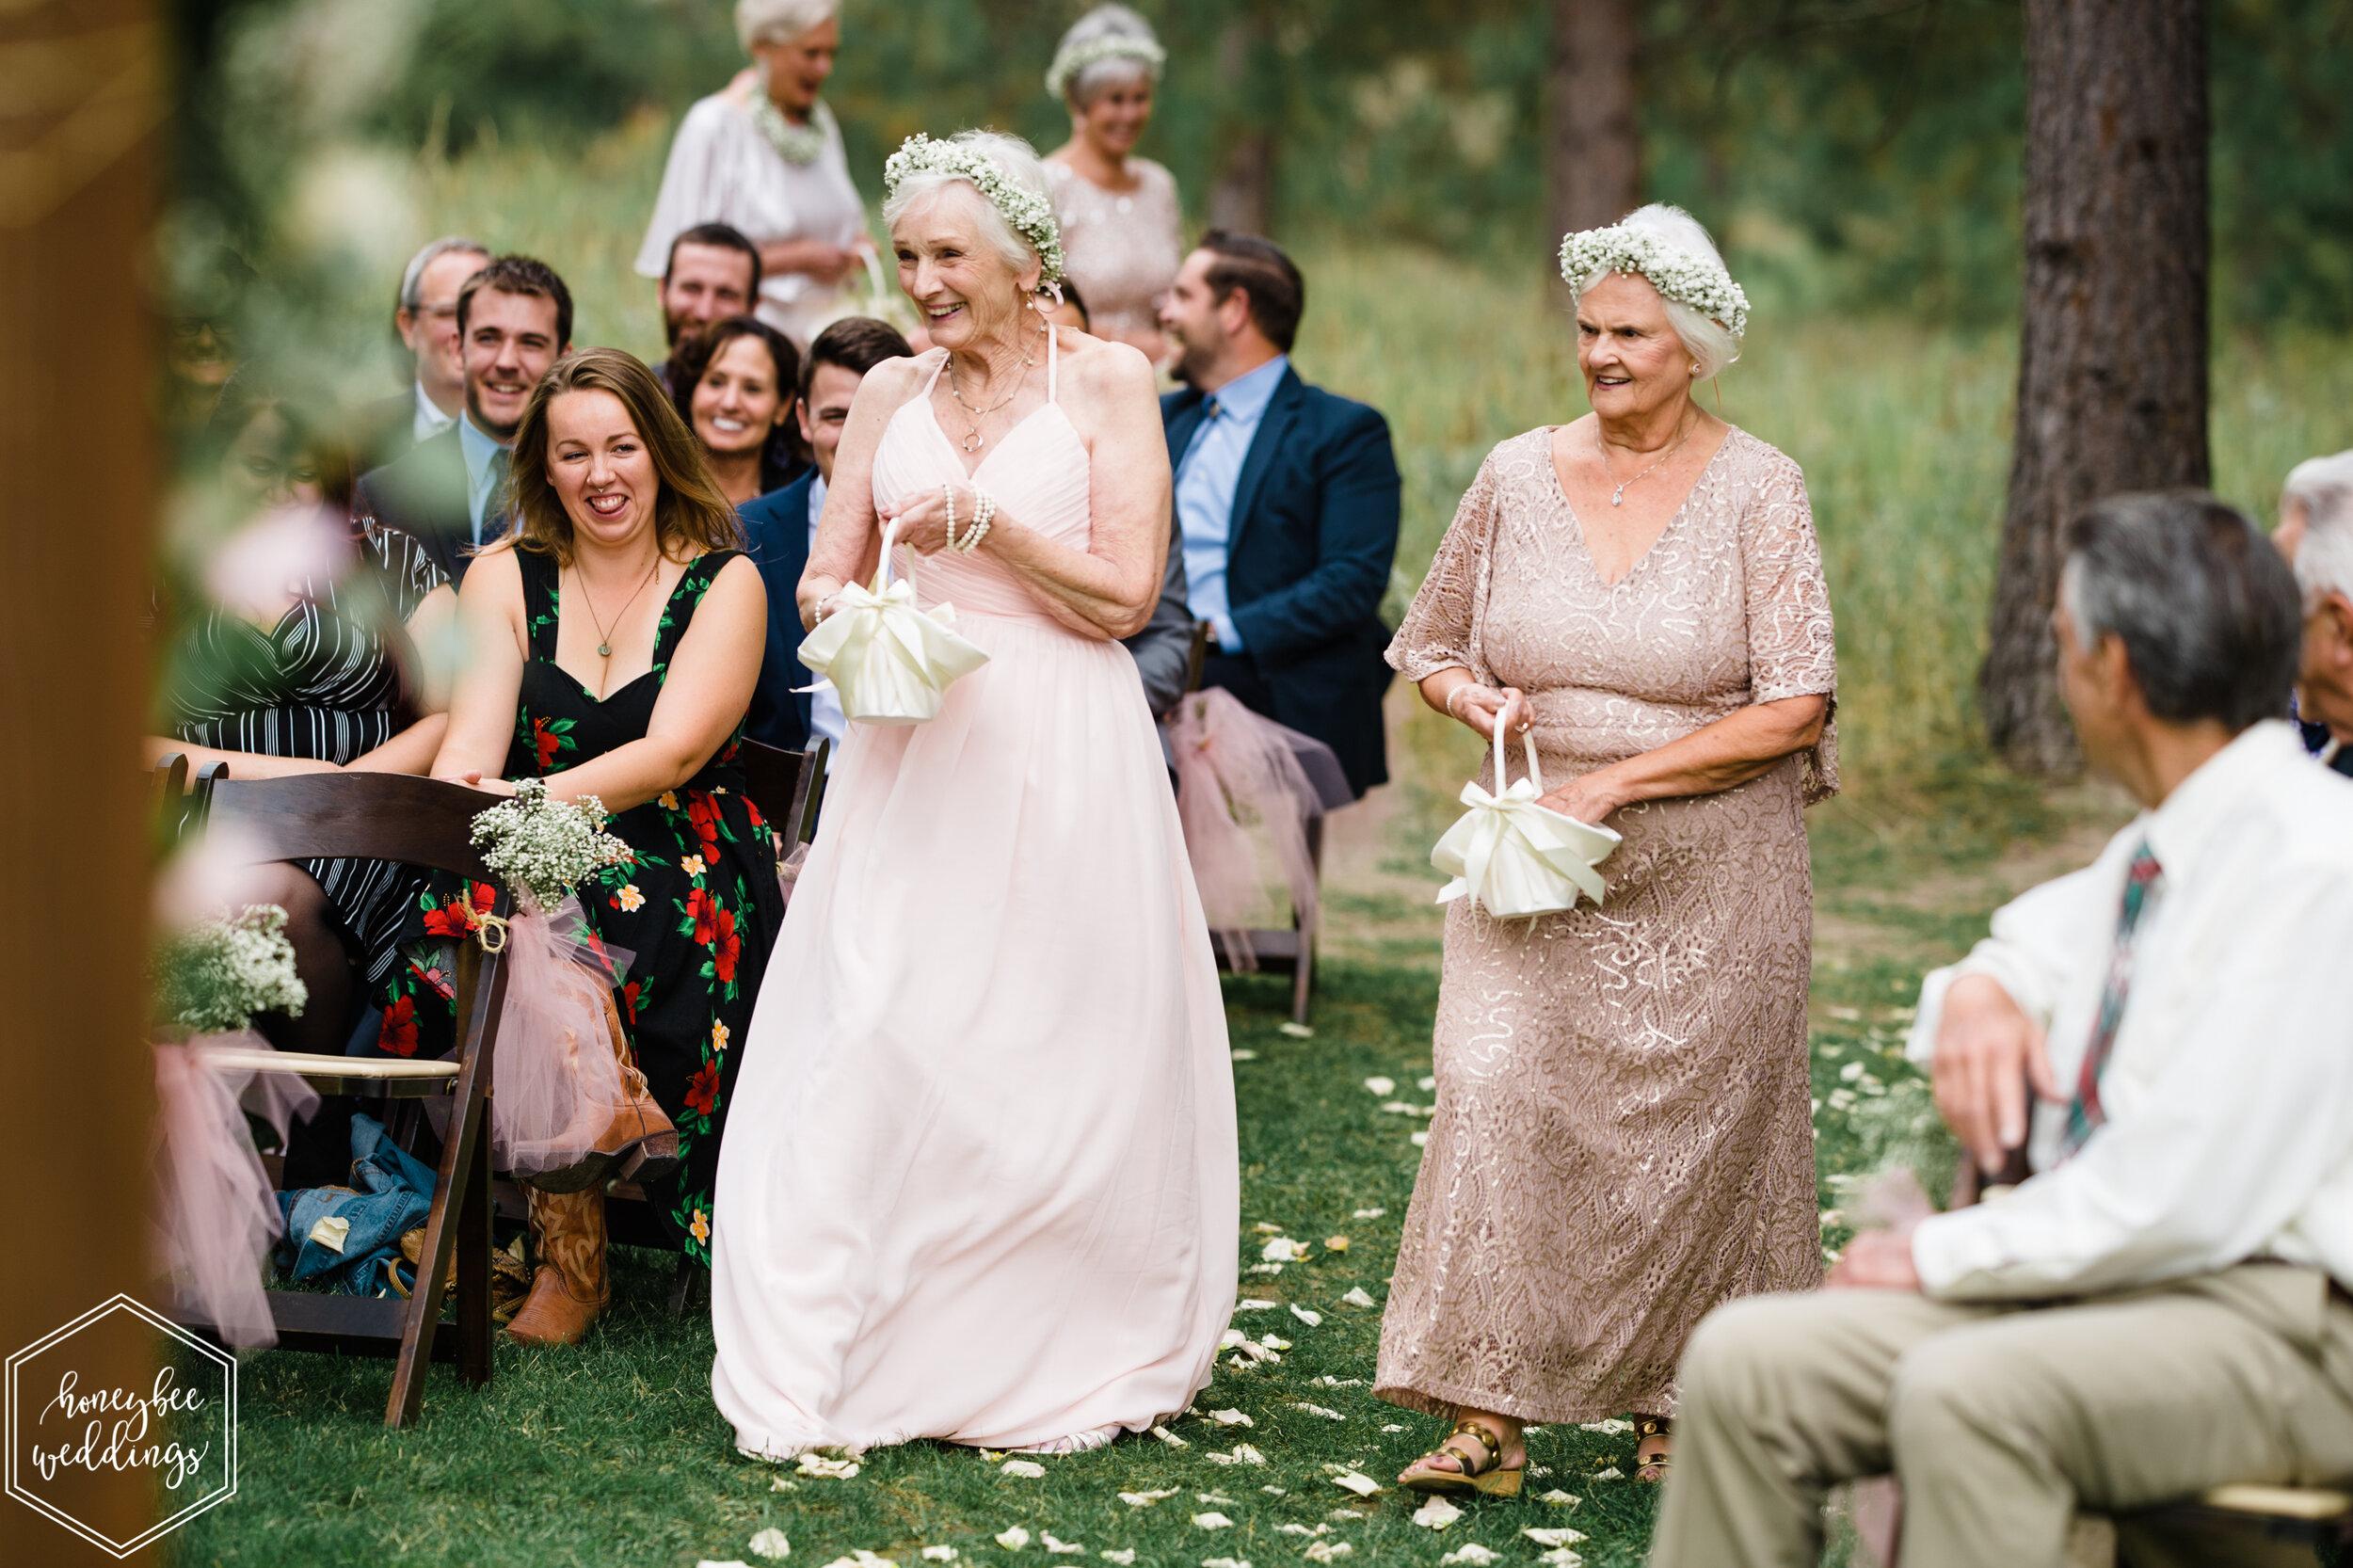 048White Raven Wedding_Montana Wedding Photographer_Corey & Corey_Honeybee Weddings_September 06, 2019-2200.jpg